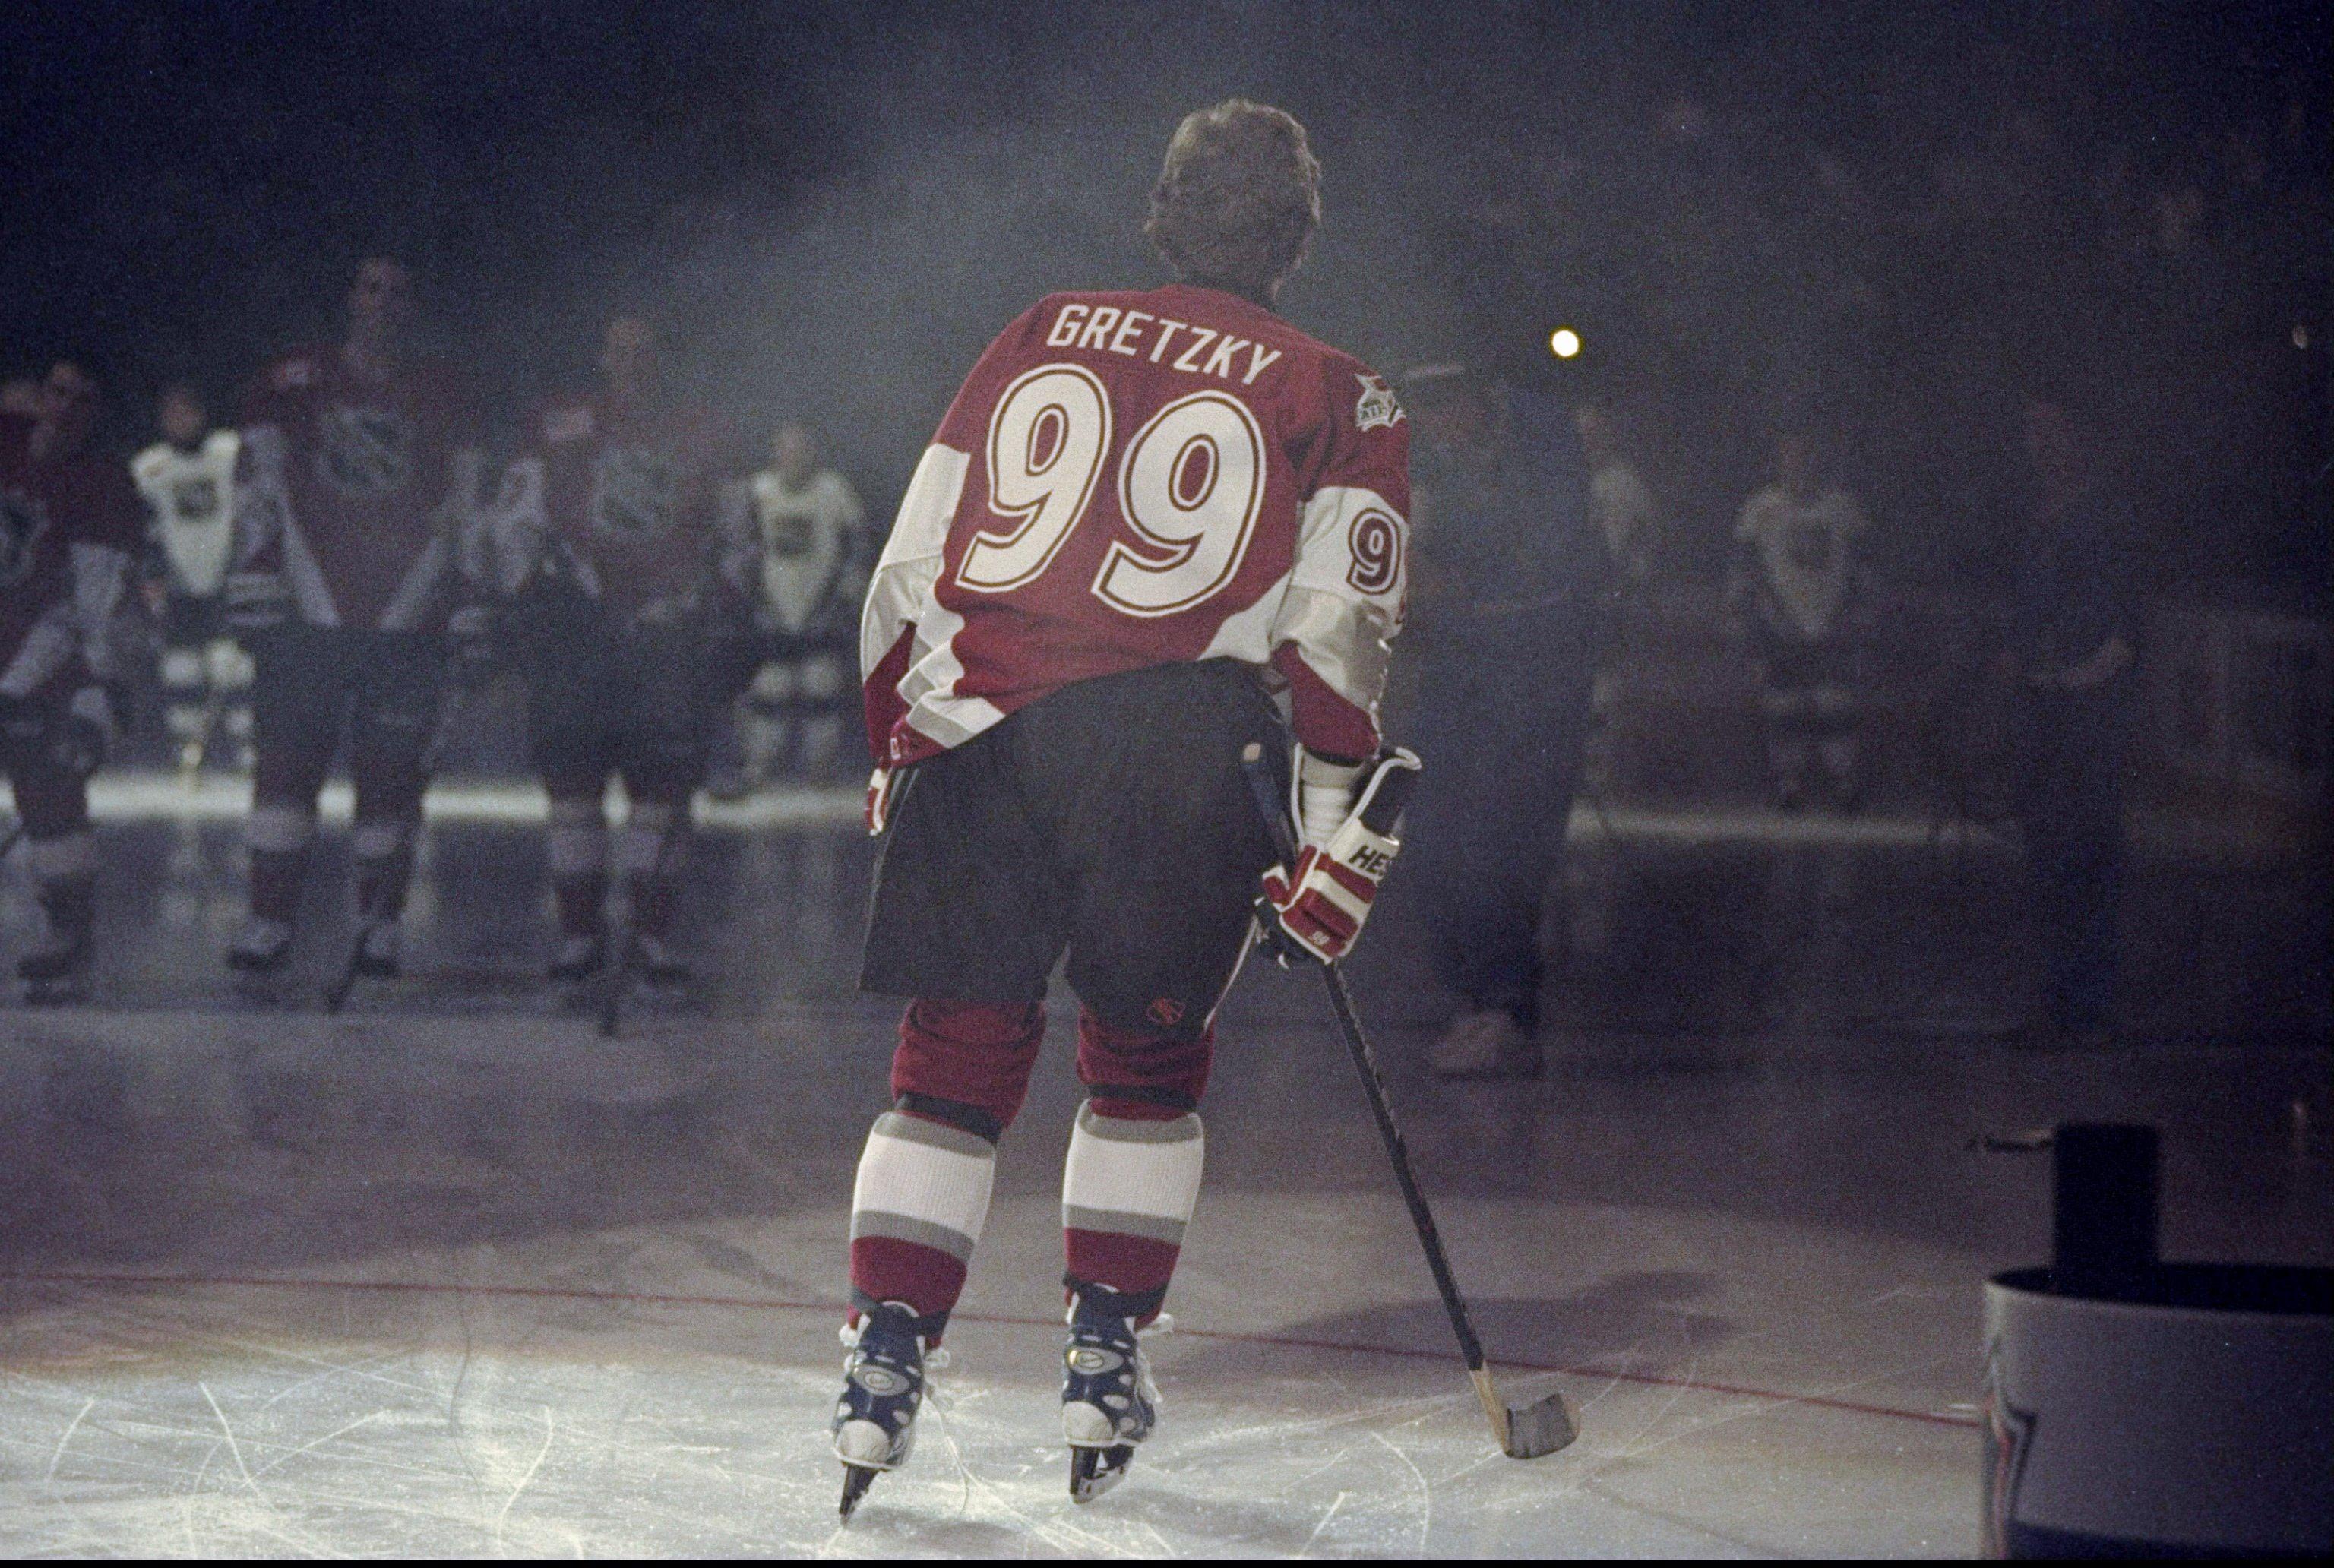 Vem visste att det fanns ära i hockey?